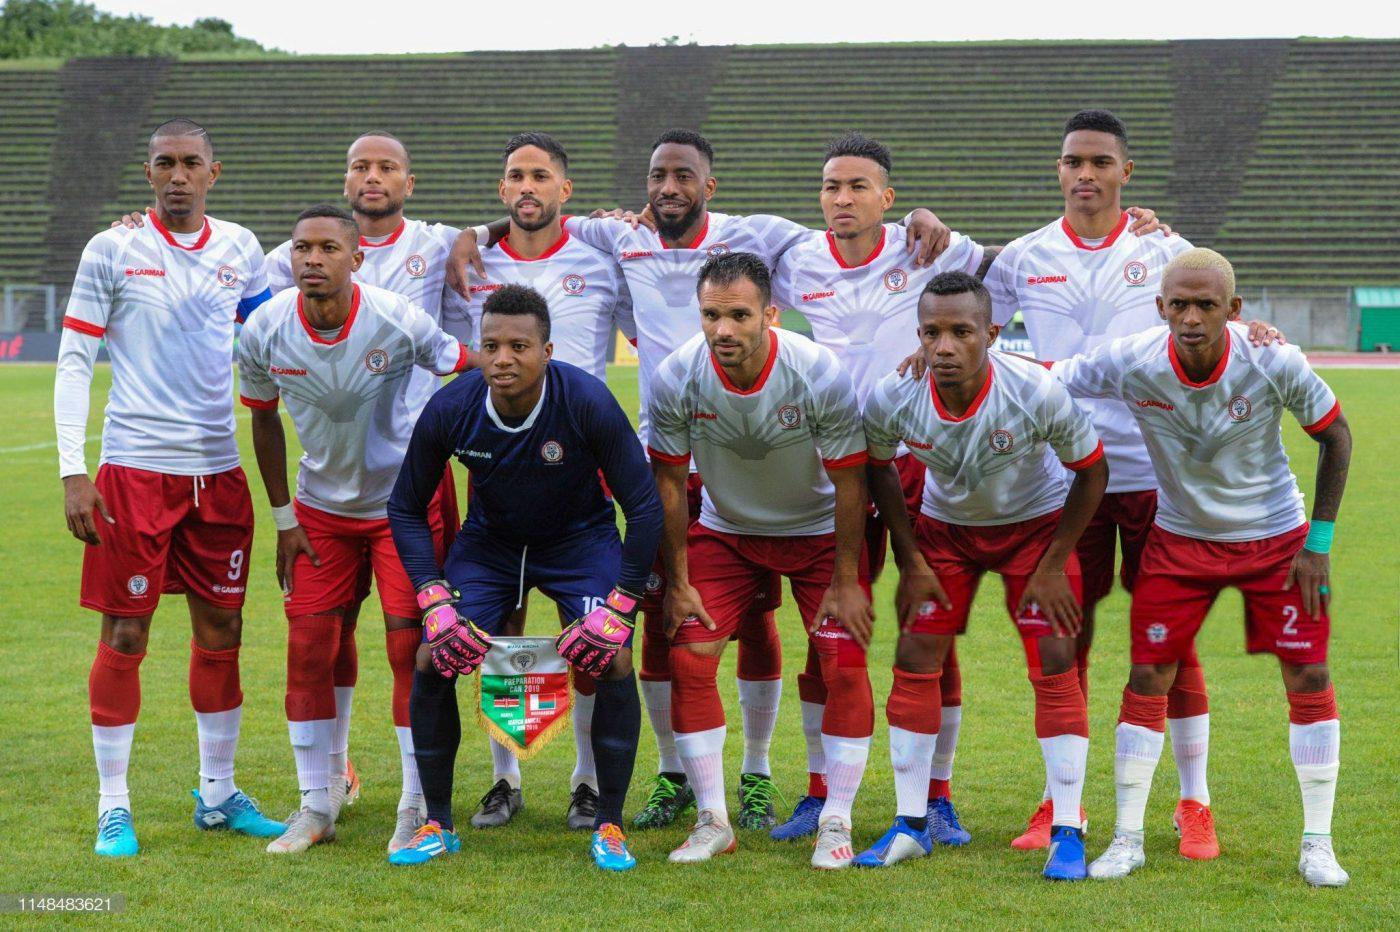 maillot-exterieur-madagascar-coupe-afrique-des-nations-2019-garman